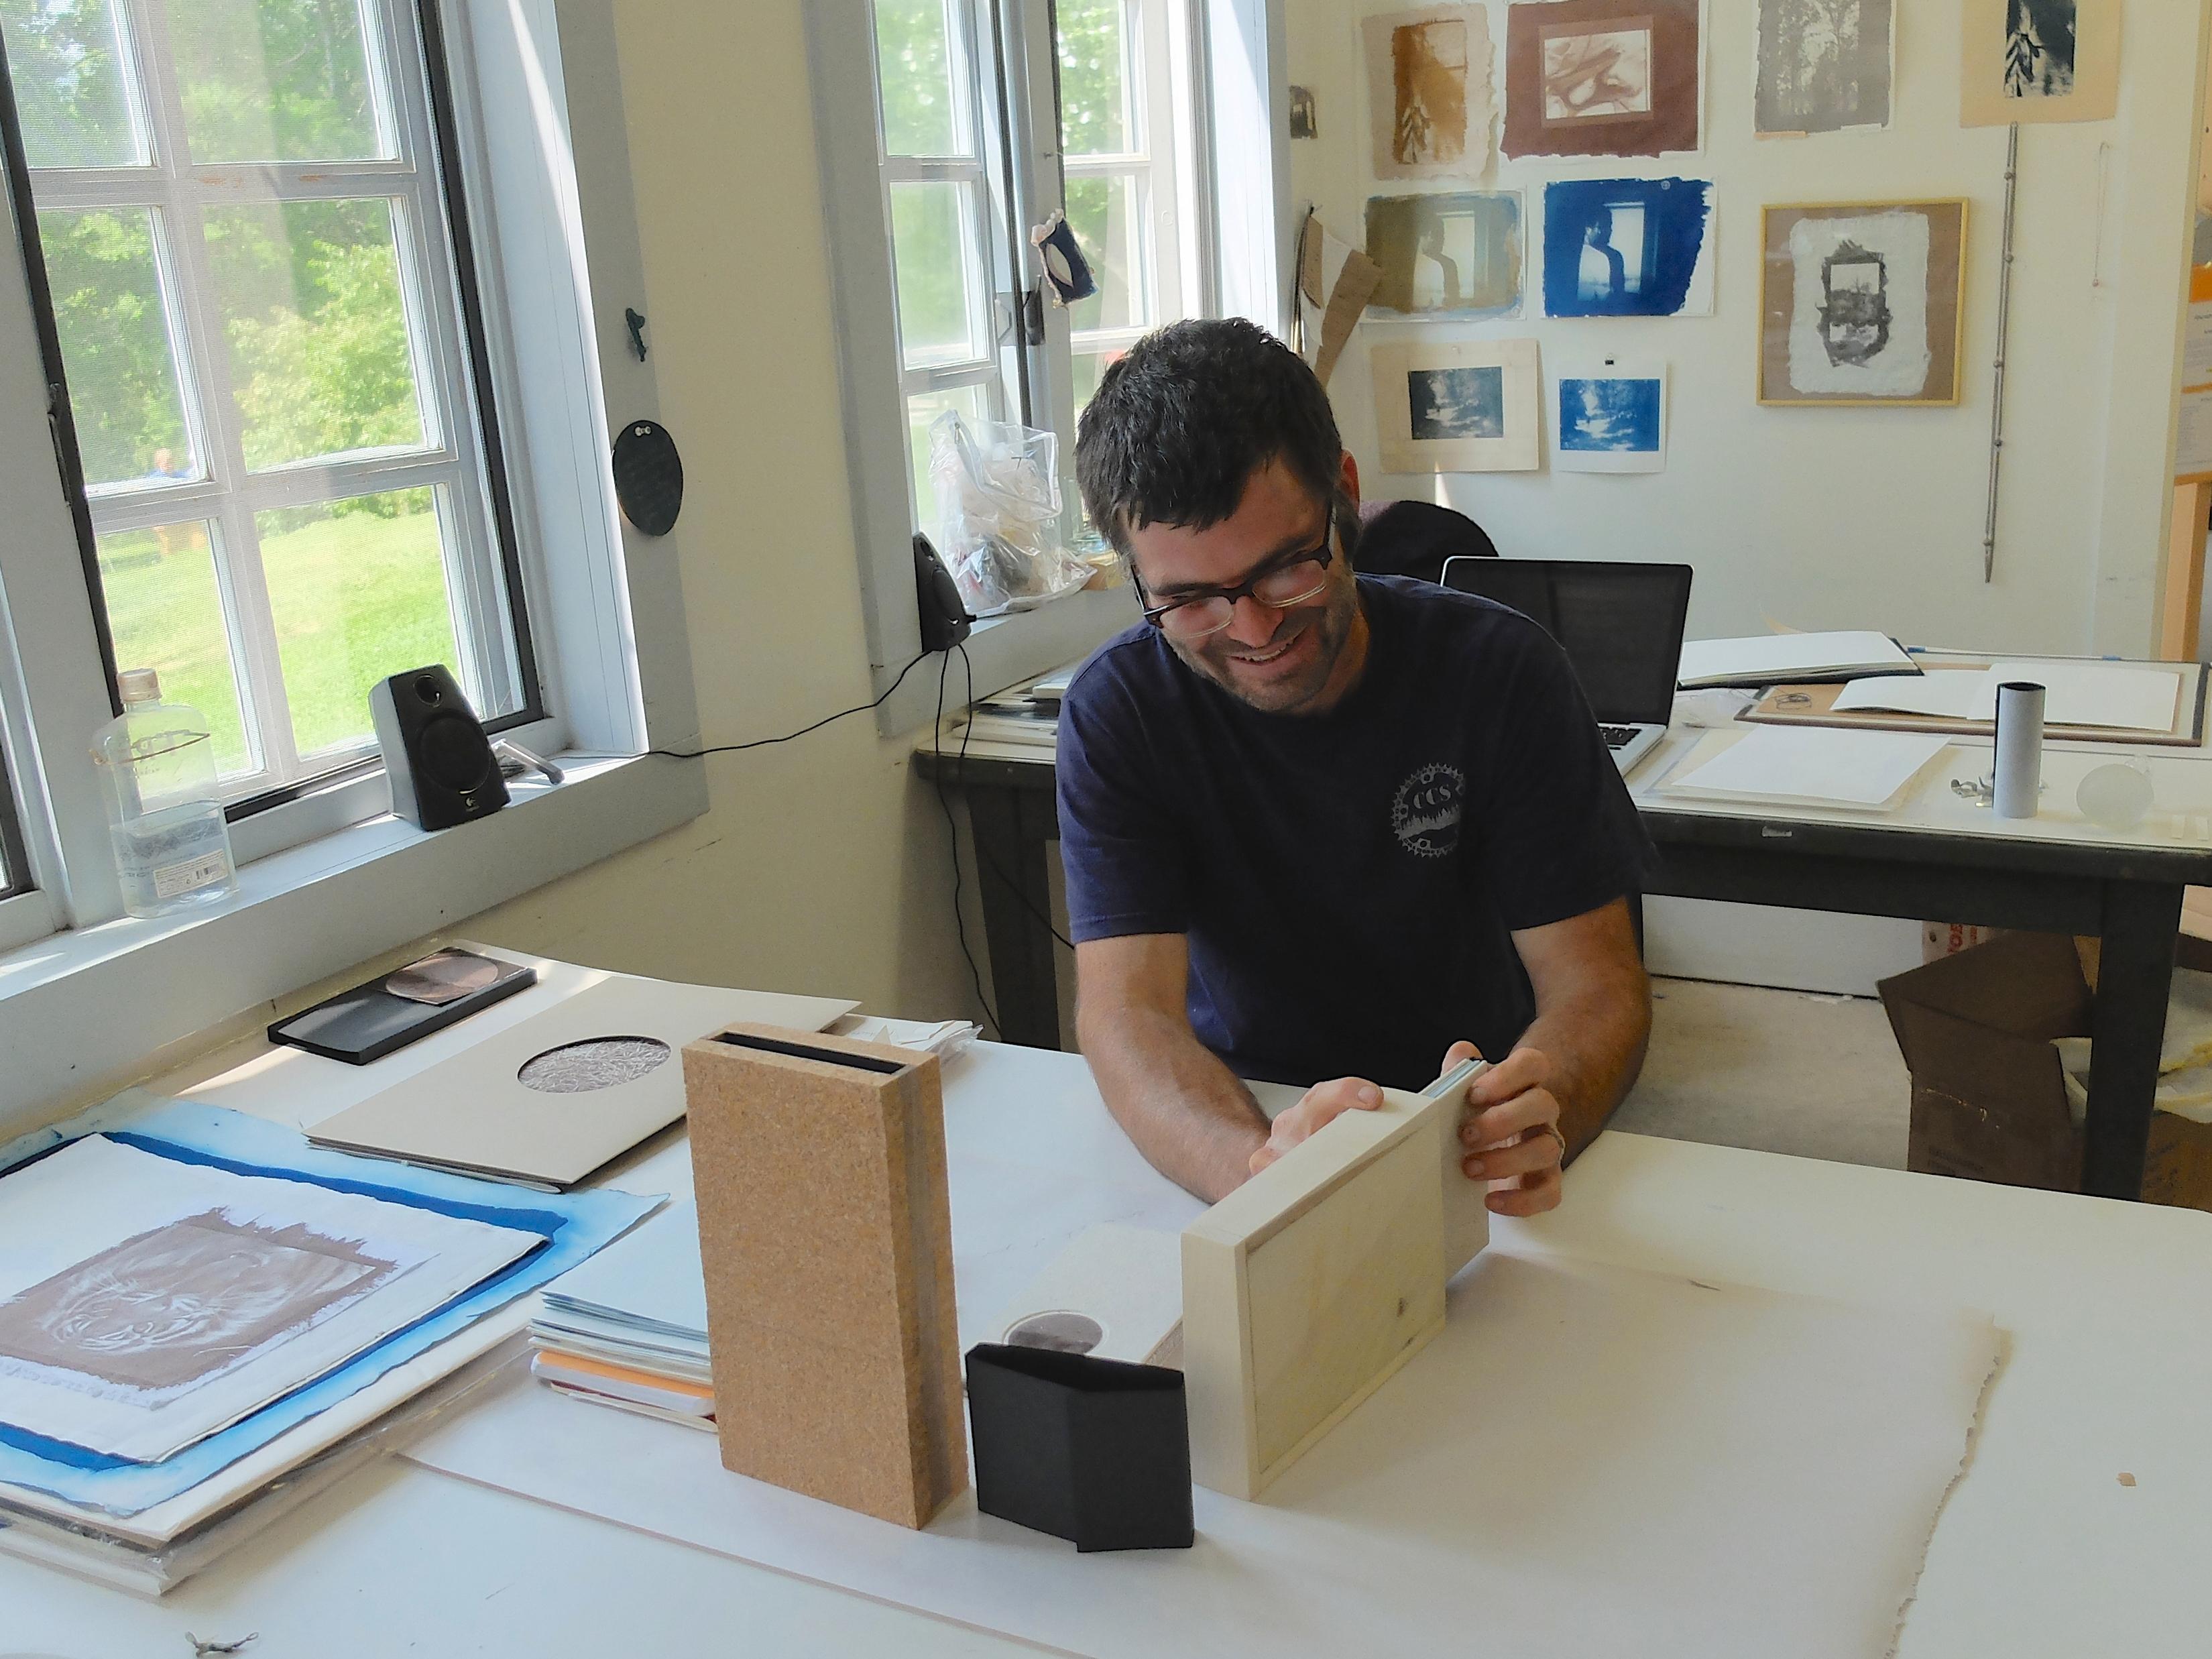 christopher davenport making books